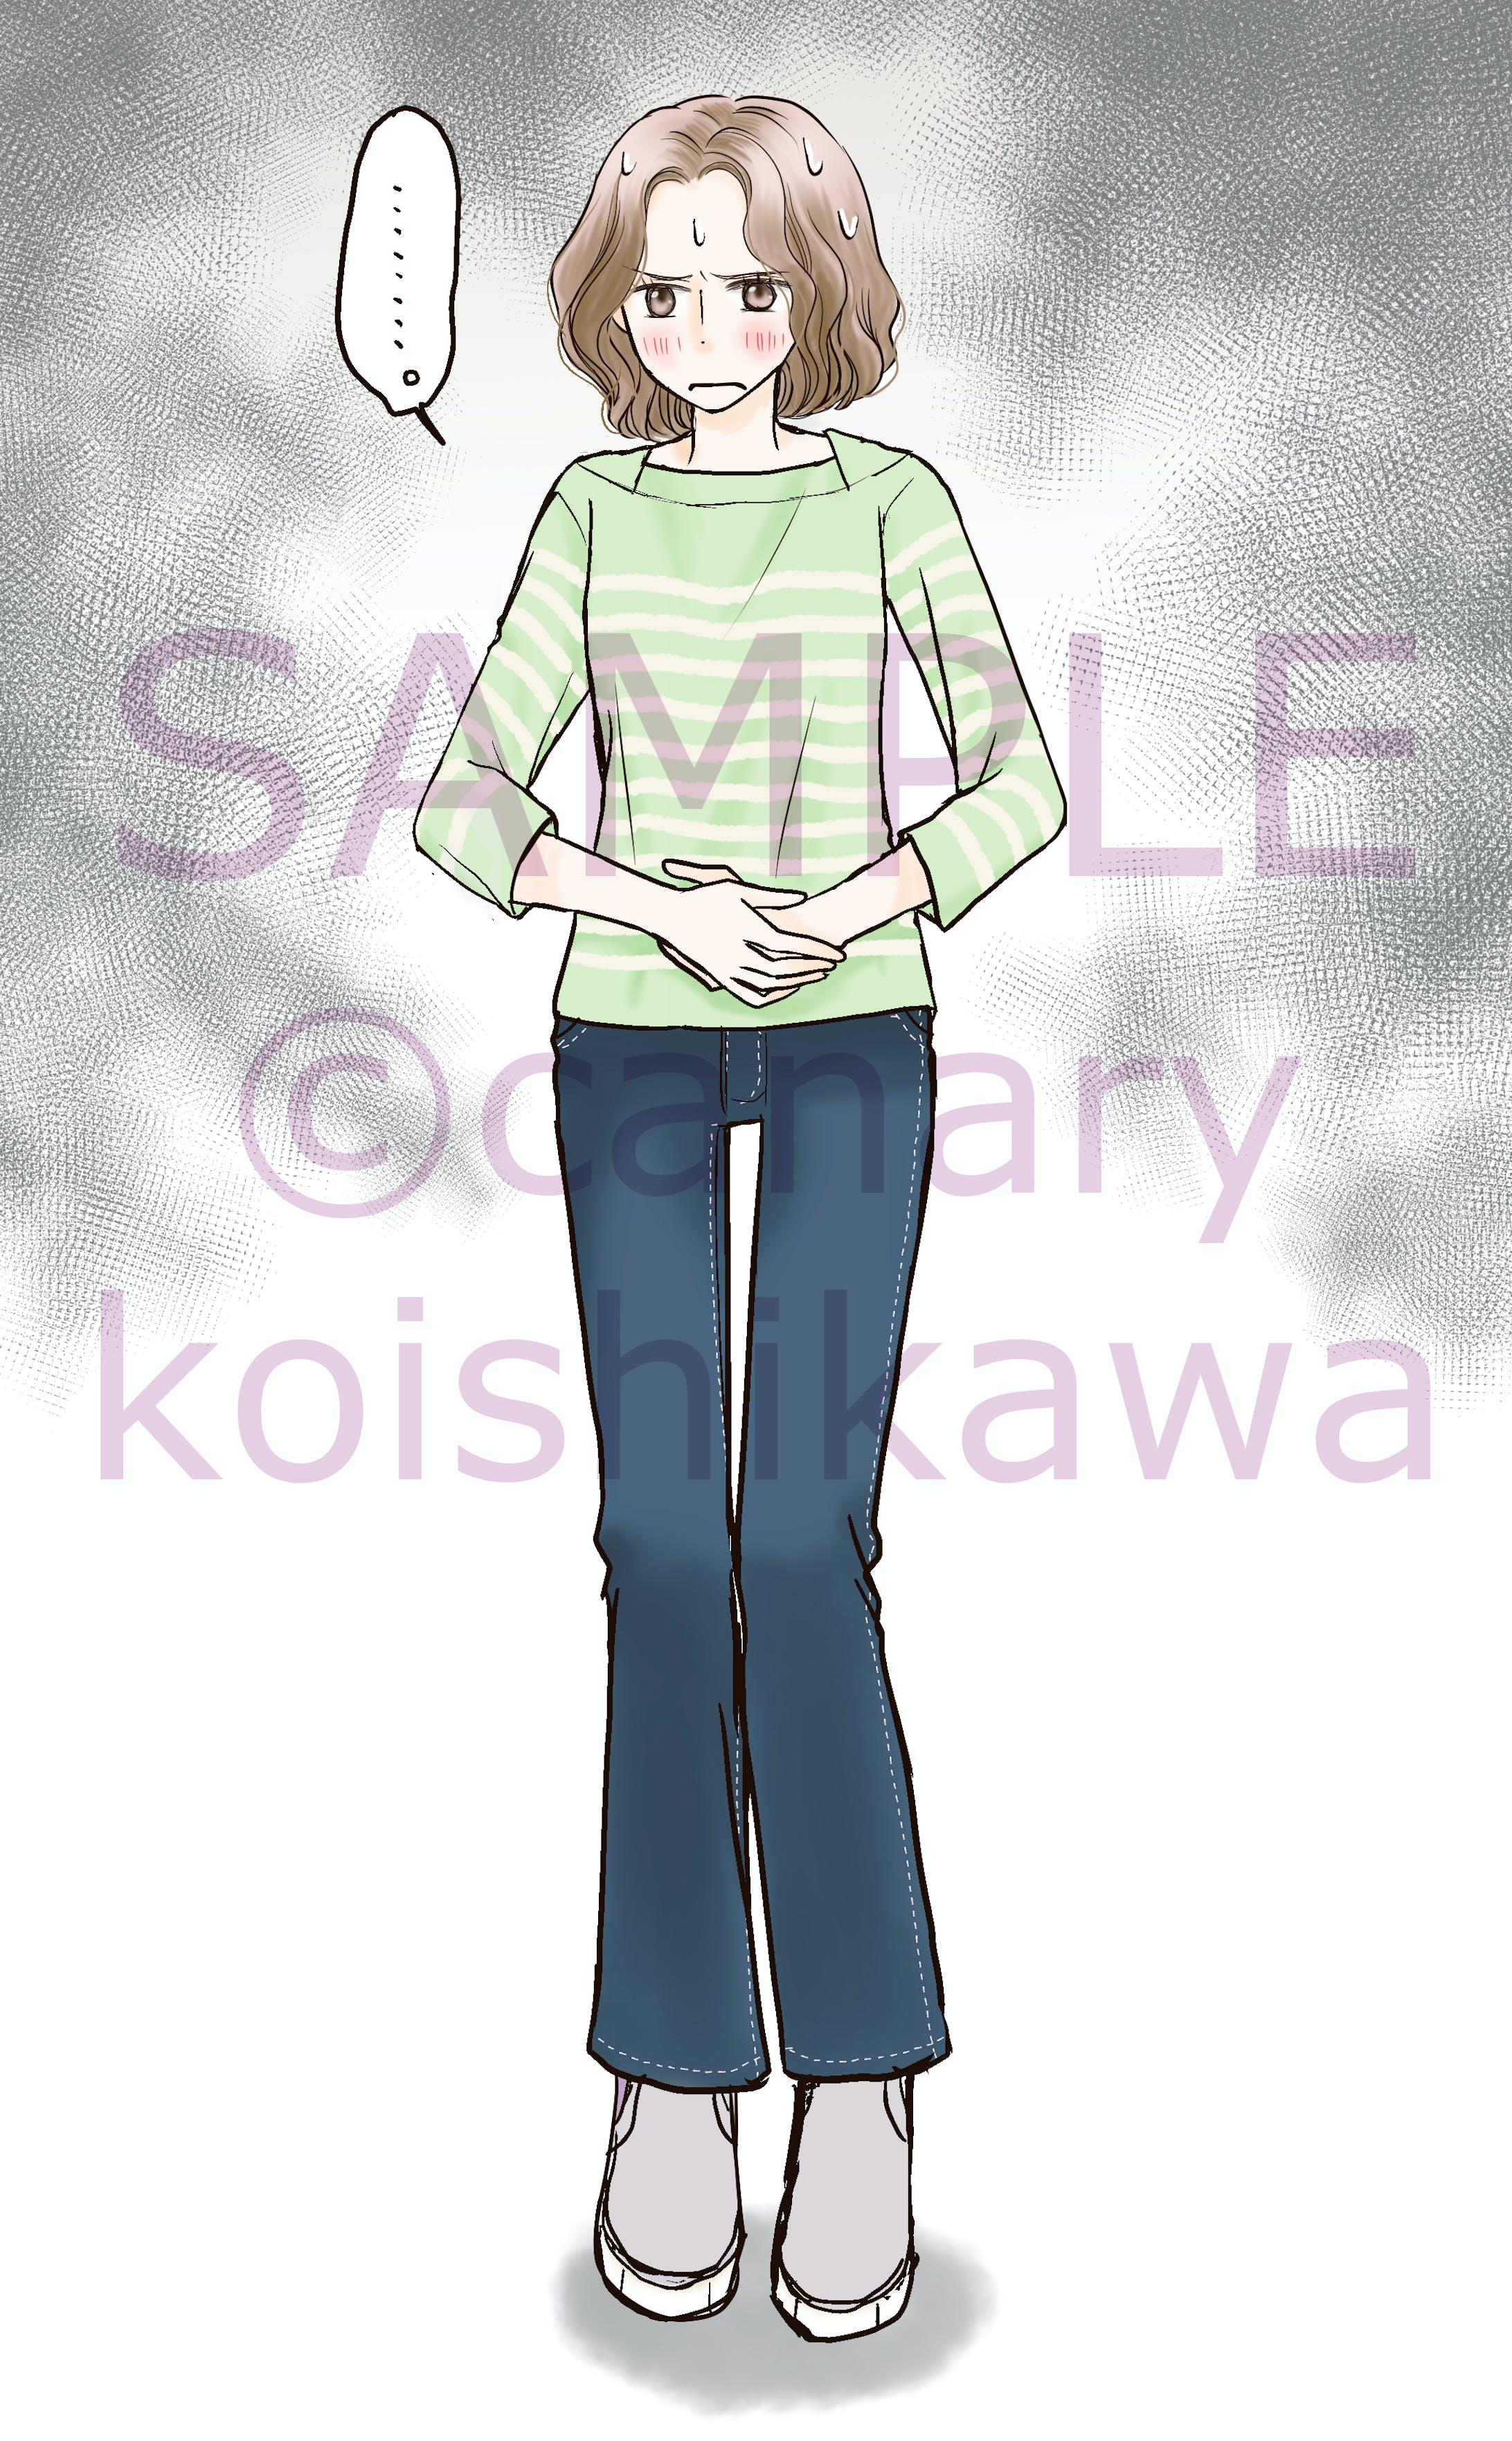 ルナルナ×小林製薬ガスピタン広告漫画・イラスト-2